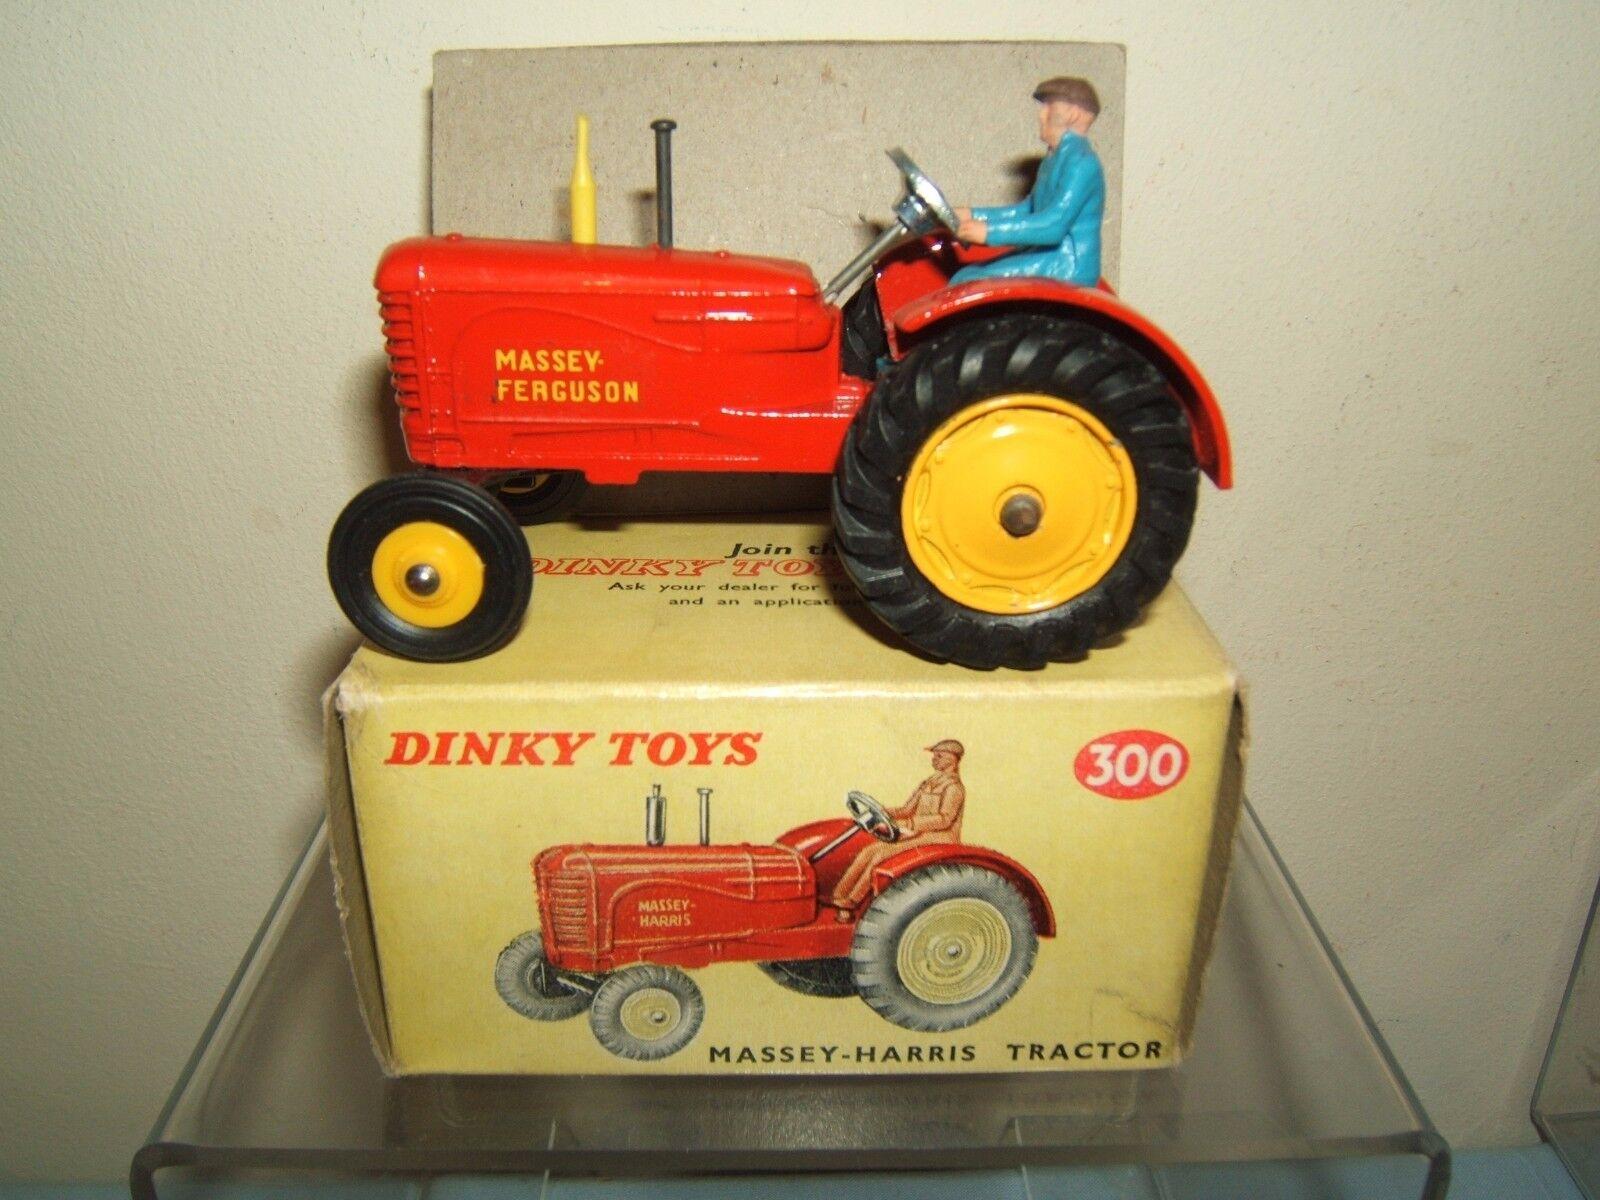 Vintage  DINKY TOYS modèle No.300 Massey Ferguson (pneus en caoutchouc) En parfait état, dans sa boîte  pas cher